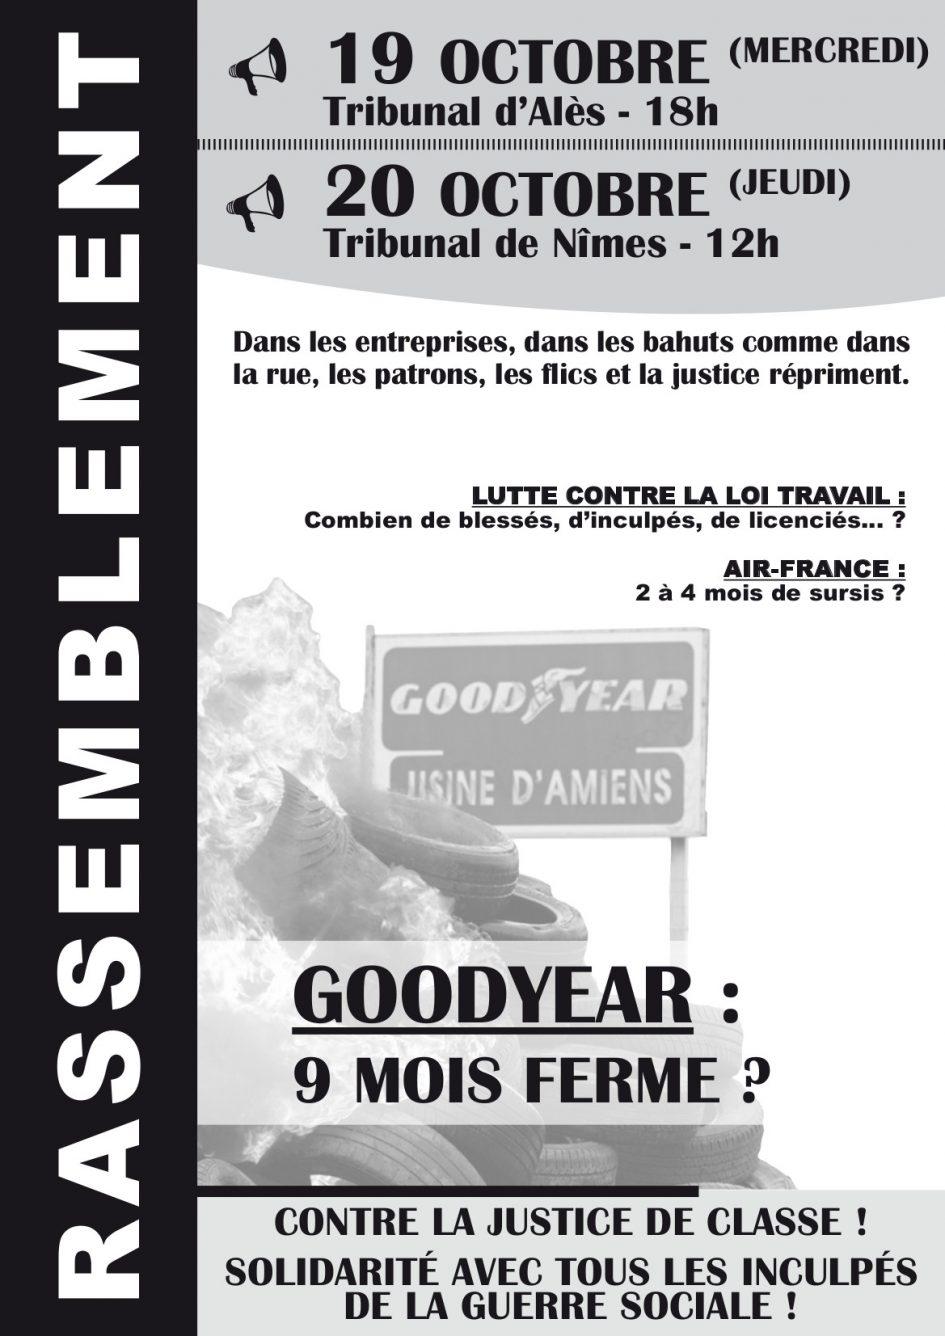 Affiche Goodyear